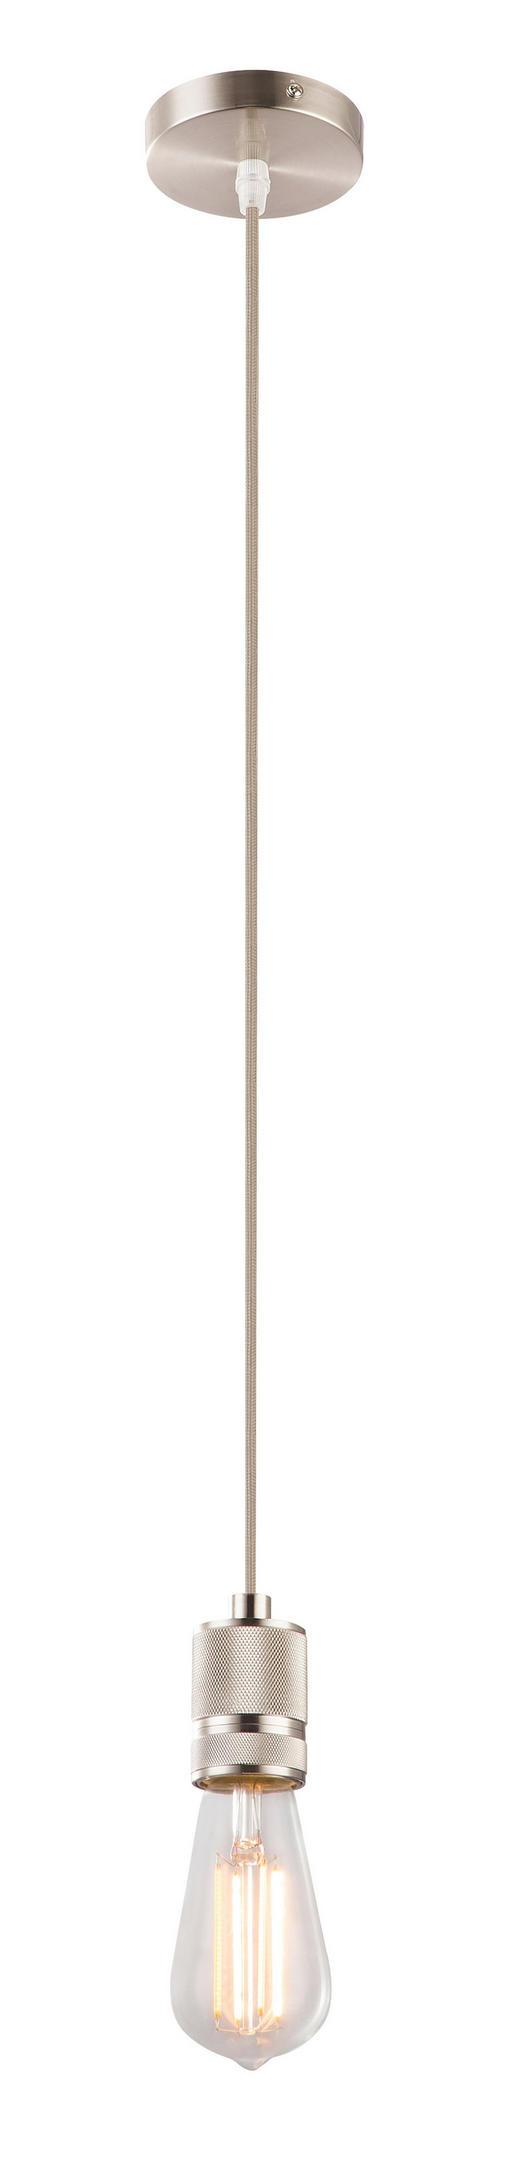 HÄNGELEUCHTE - Anthrazit, MODERN, Textil/Metall (10/150cm)